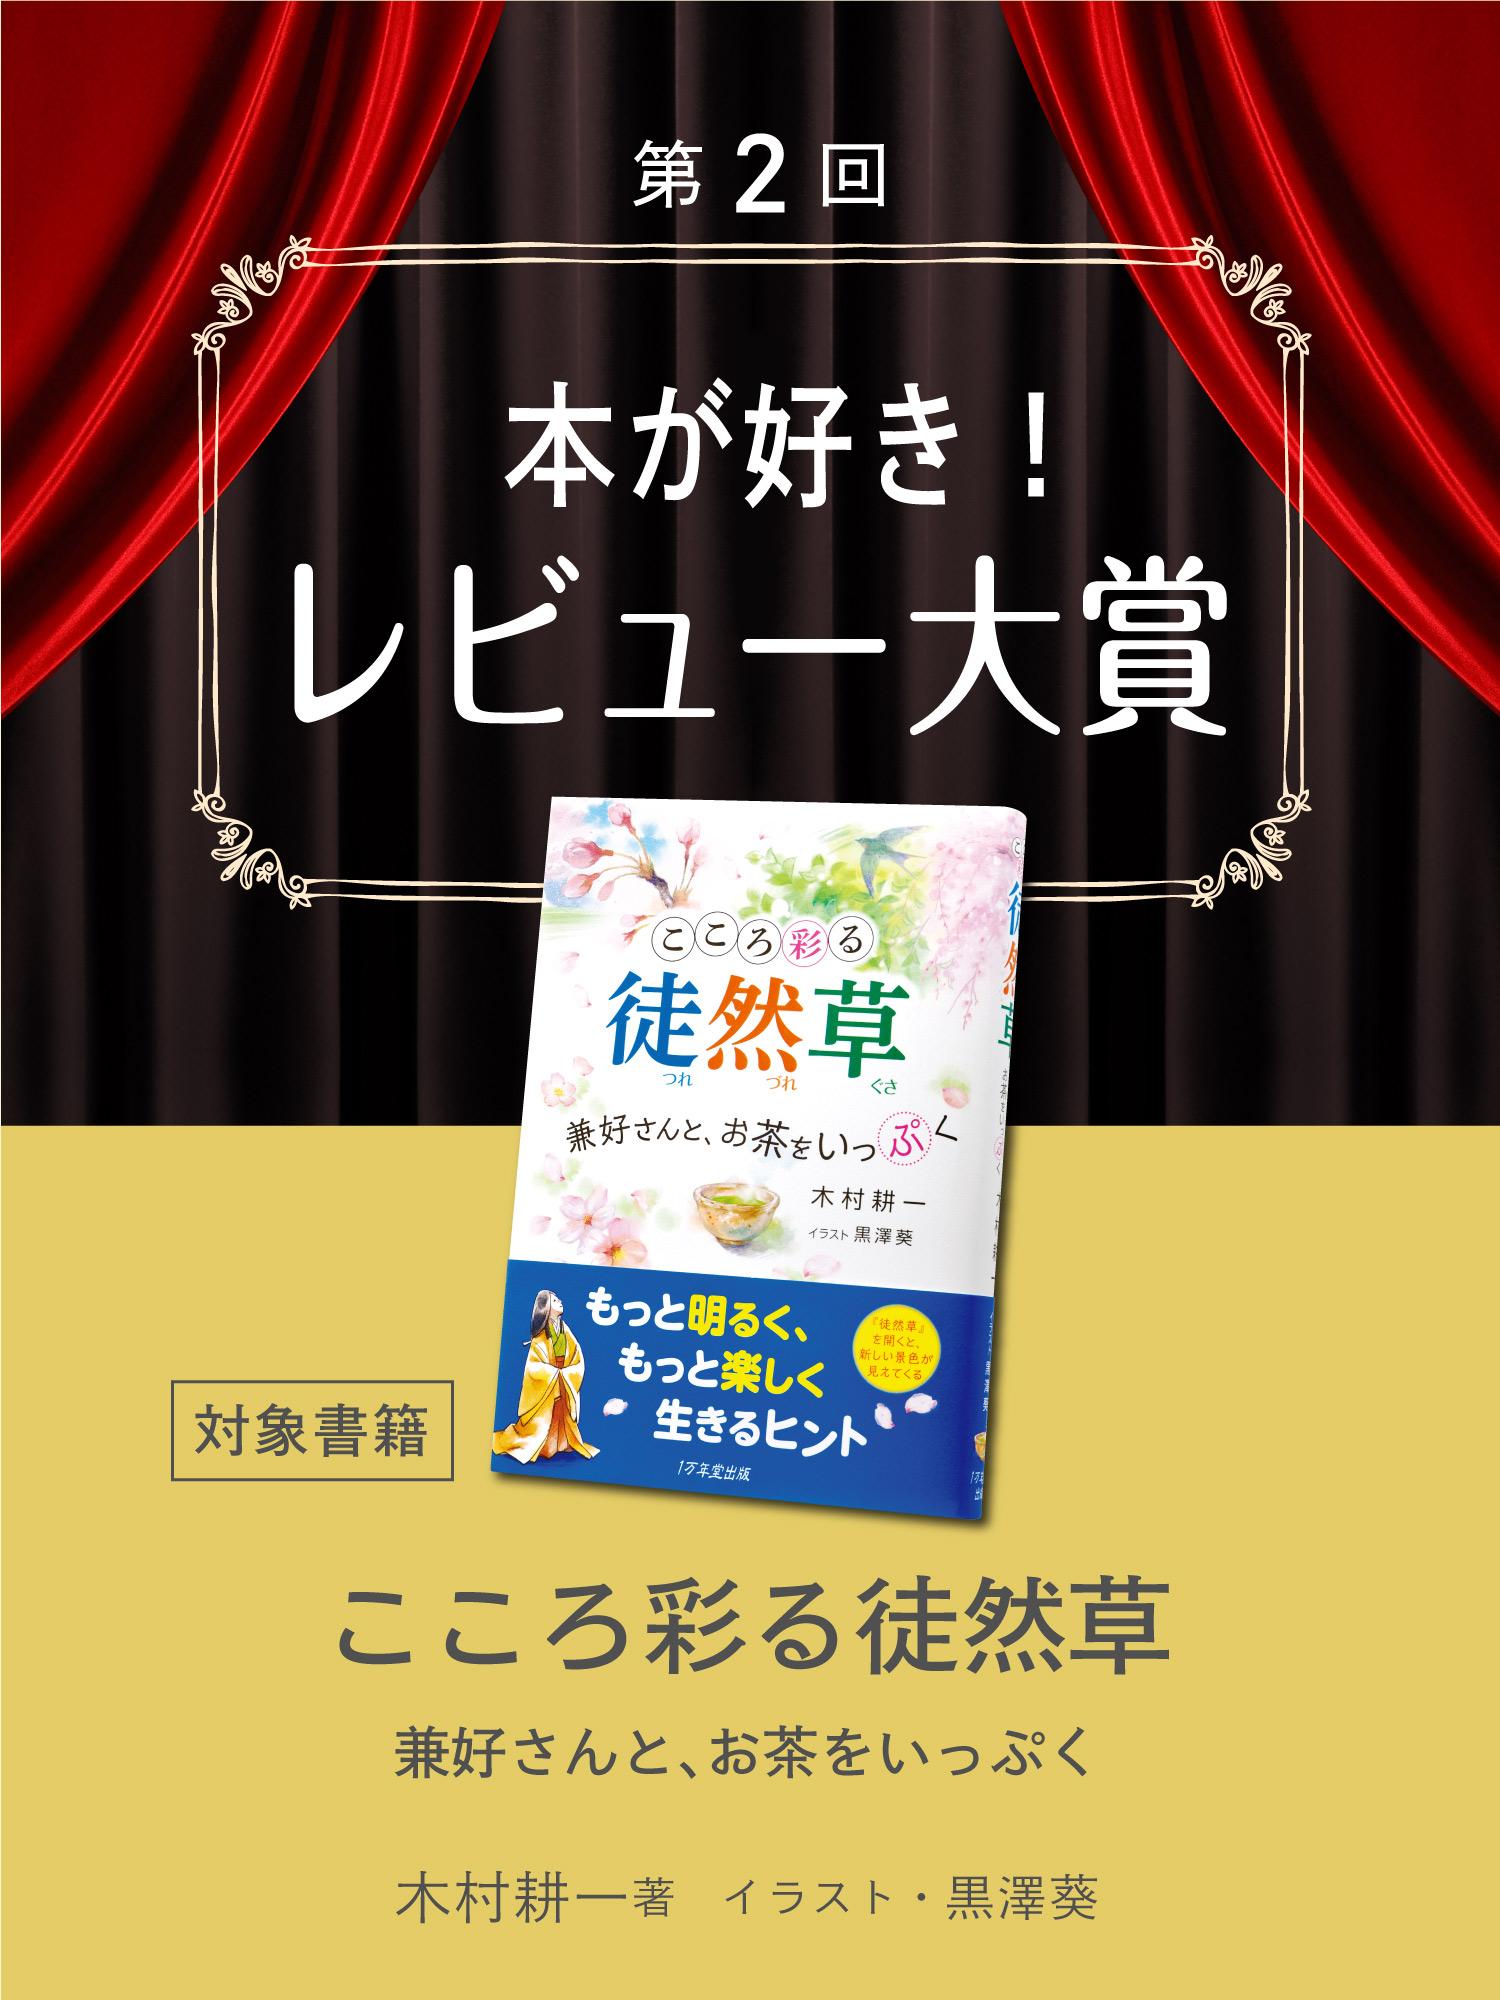 『こころ彩る徒然草』が、書評でつながる読書サイト「本が好き!」によるレビュー大賞の対象書籍になりました。の画像1